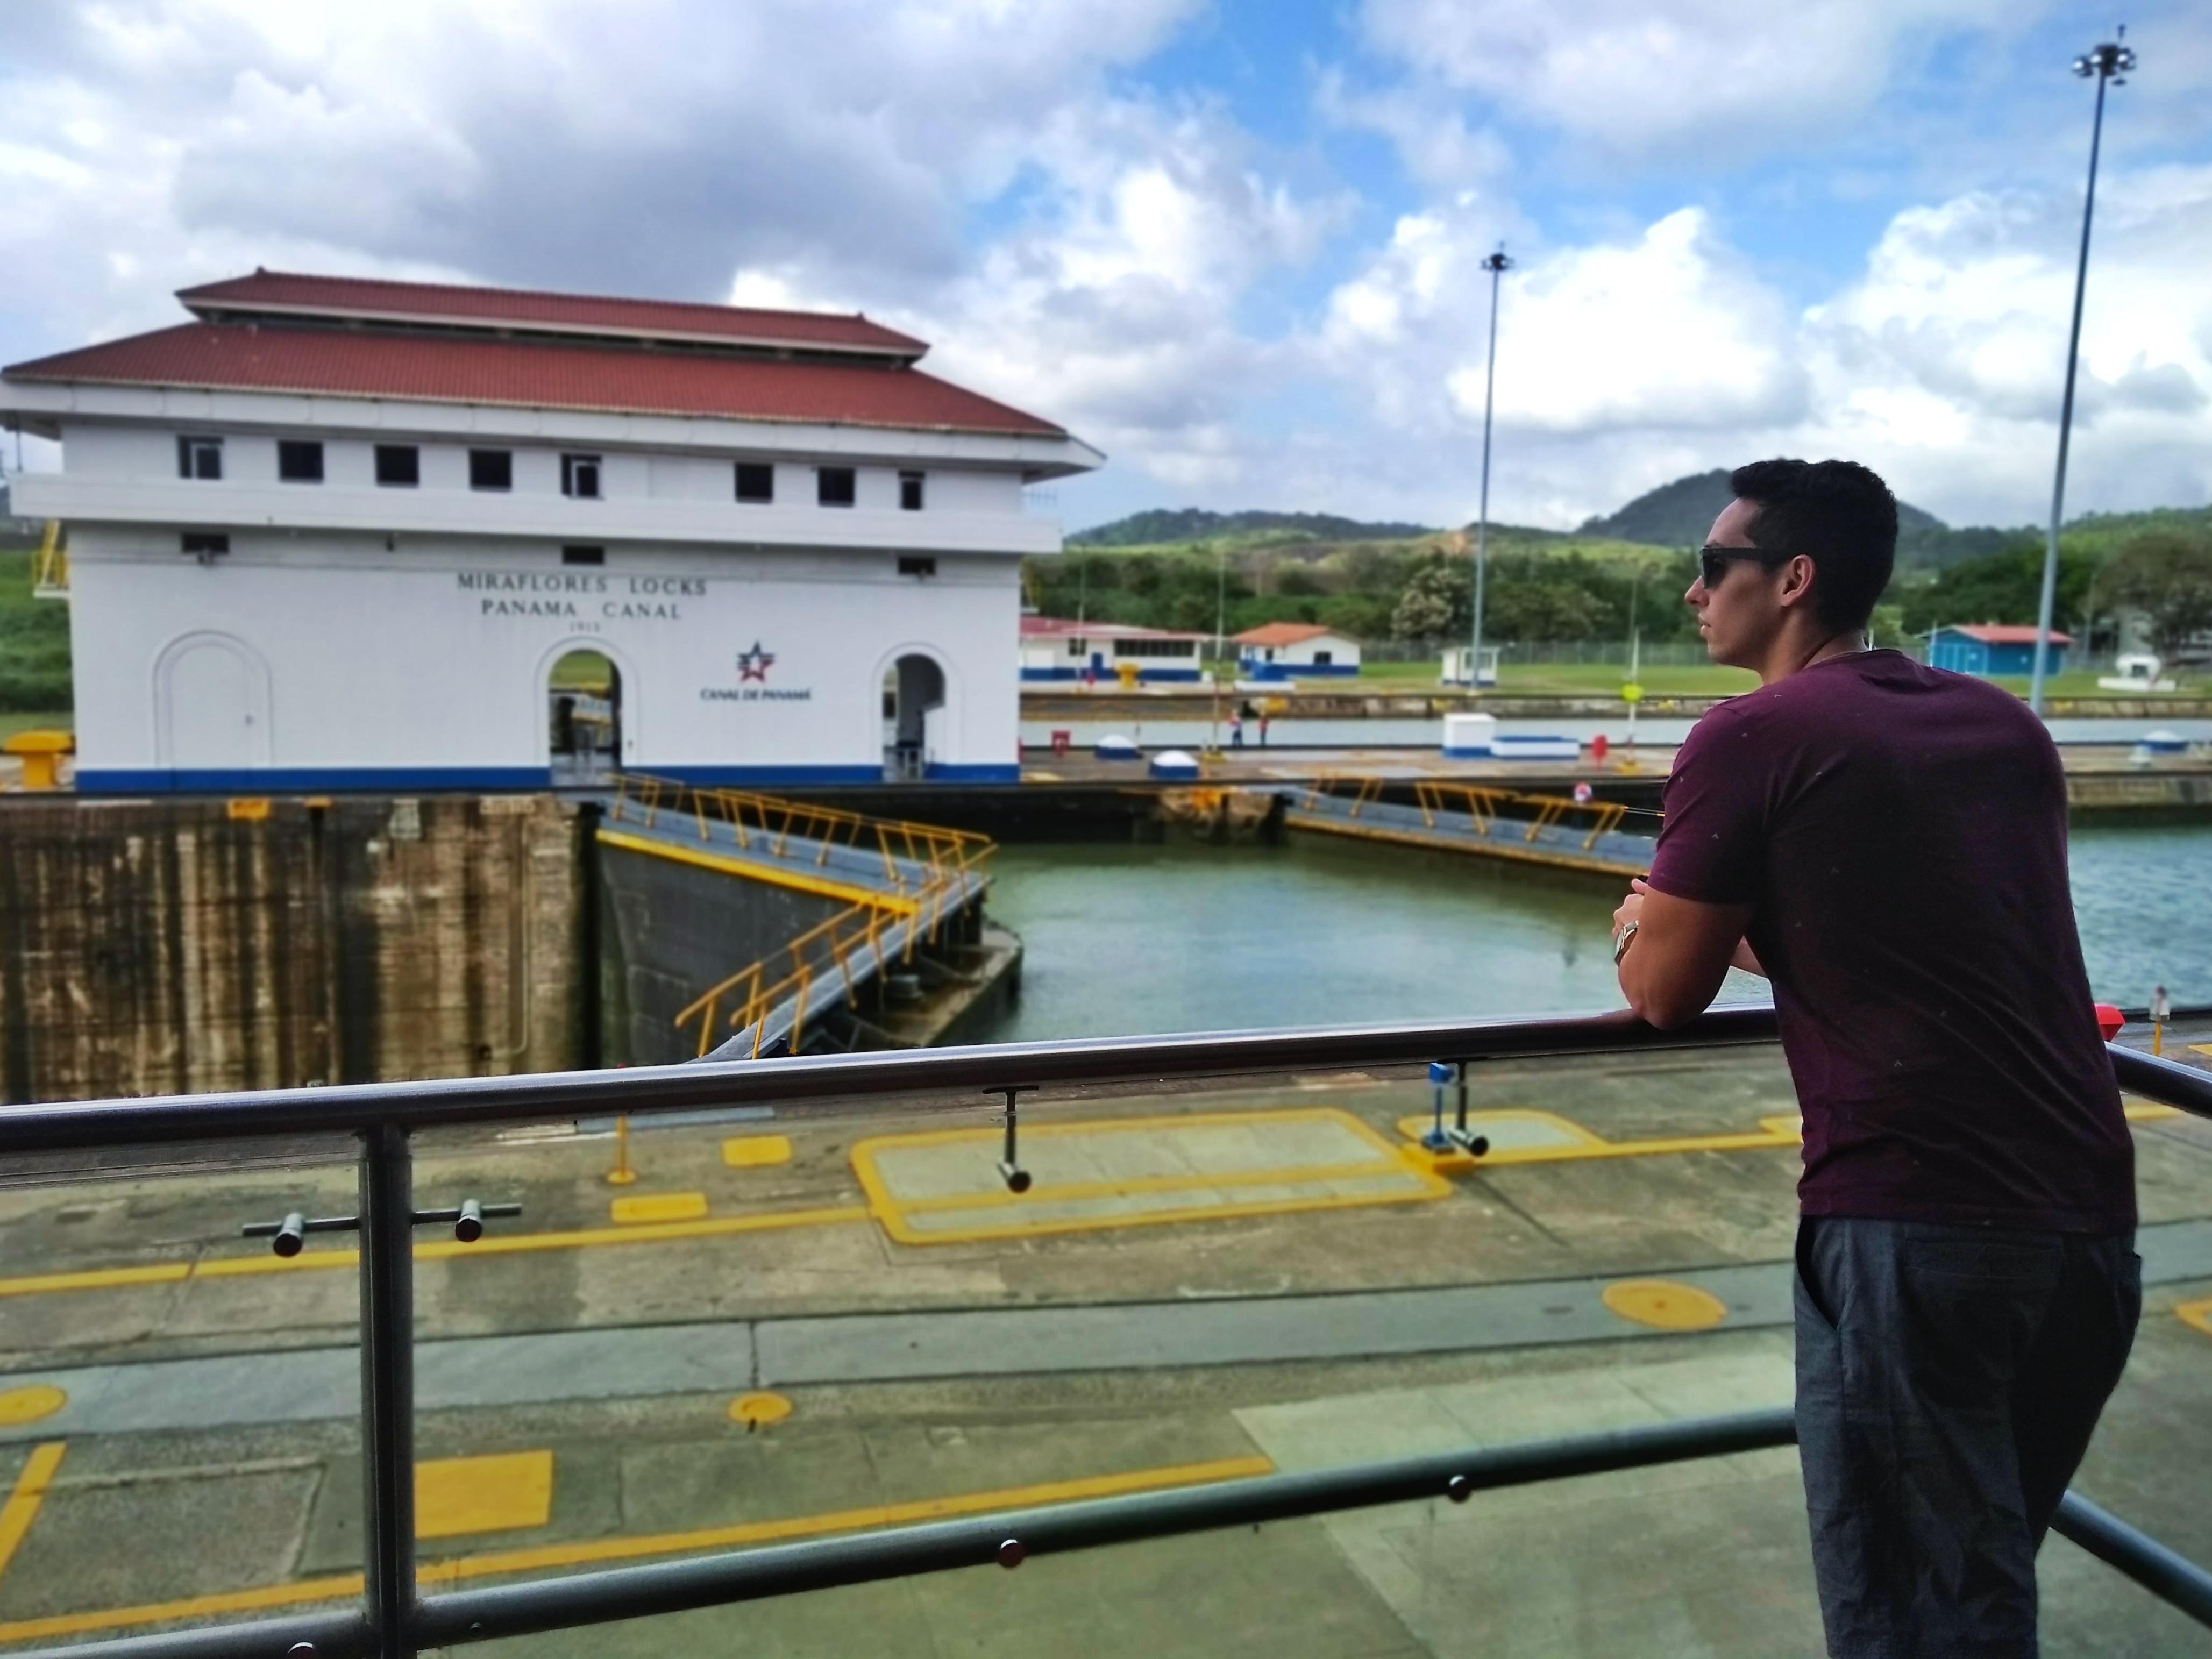 ad0c0c2cf4f61 Melhores dicas do que fazer na Cidade do Panamá em 01 dia